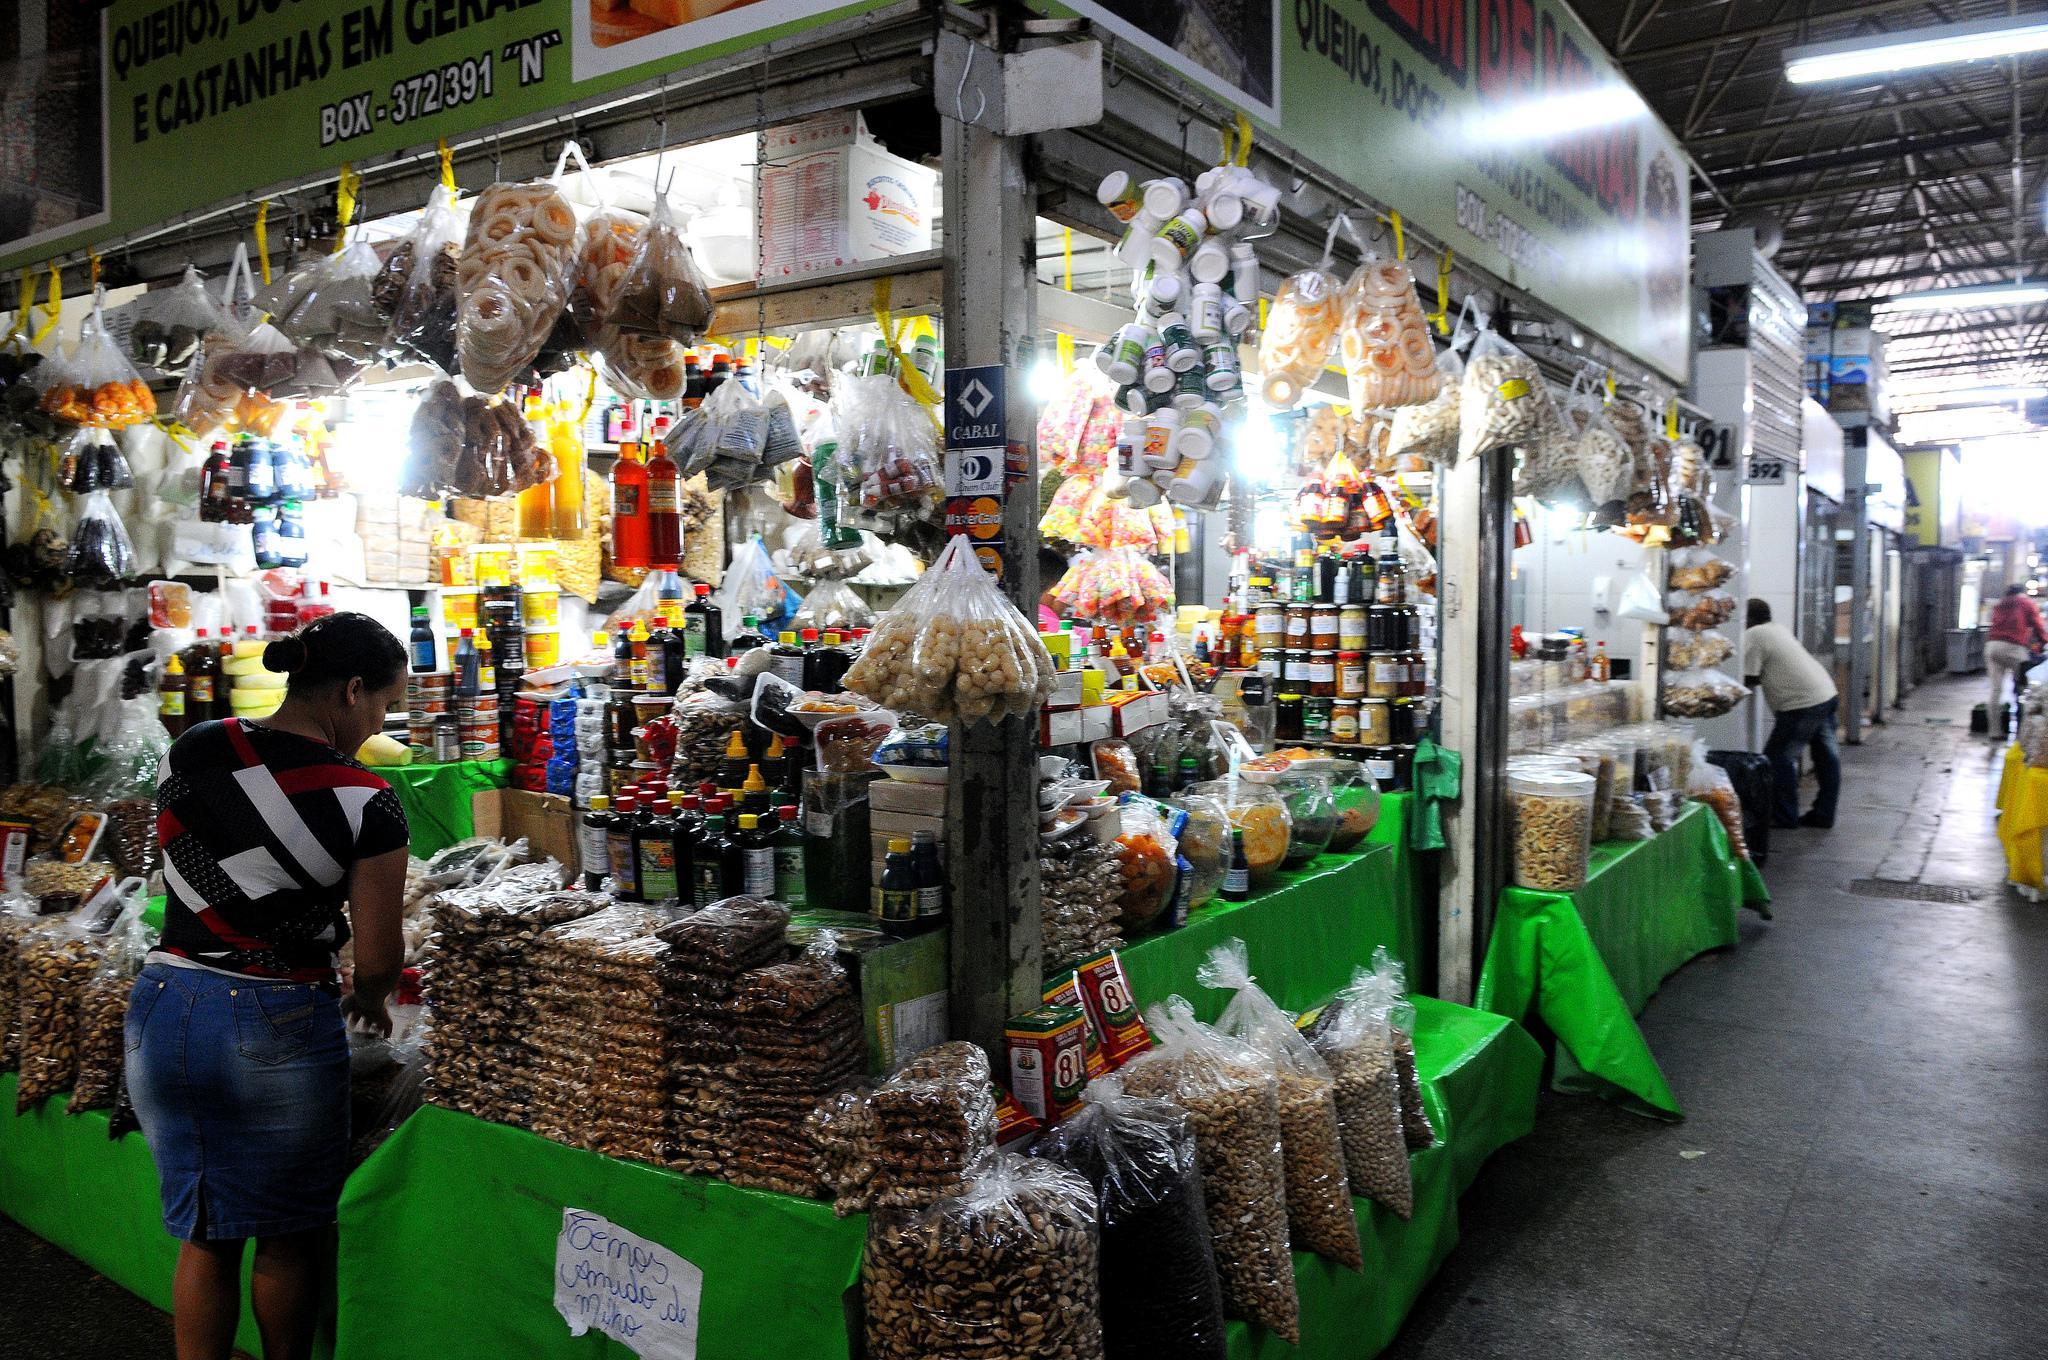 Economia - indústria e comércio - feiras populares alimentos alimentação